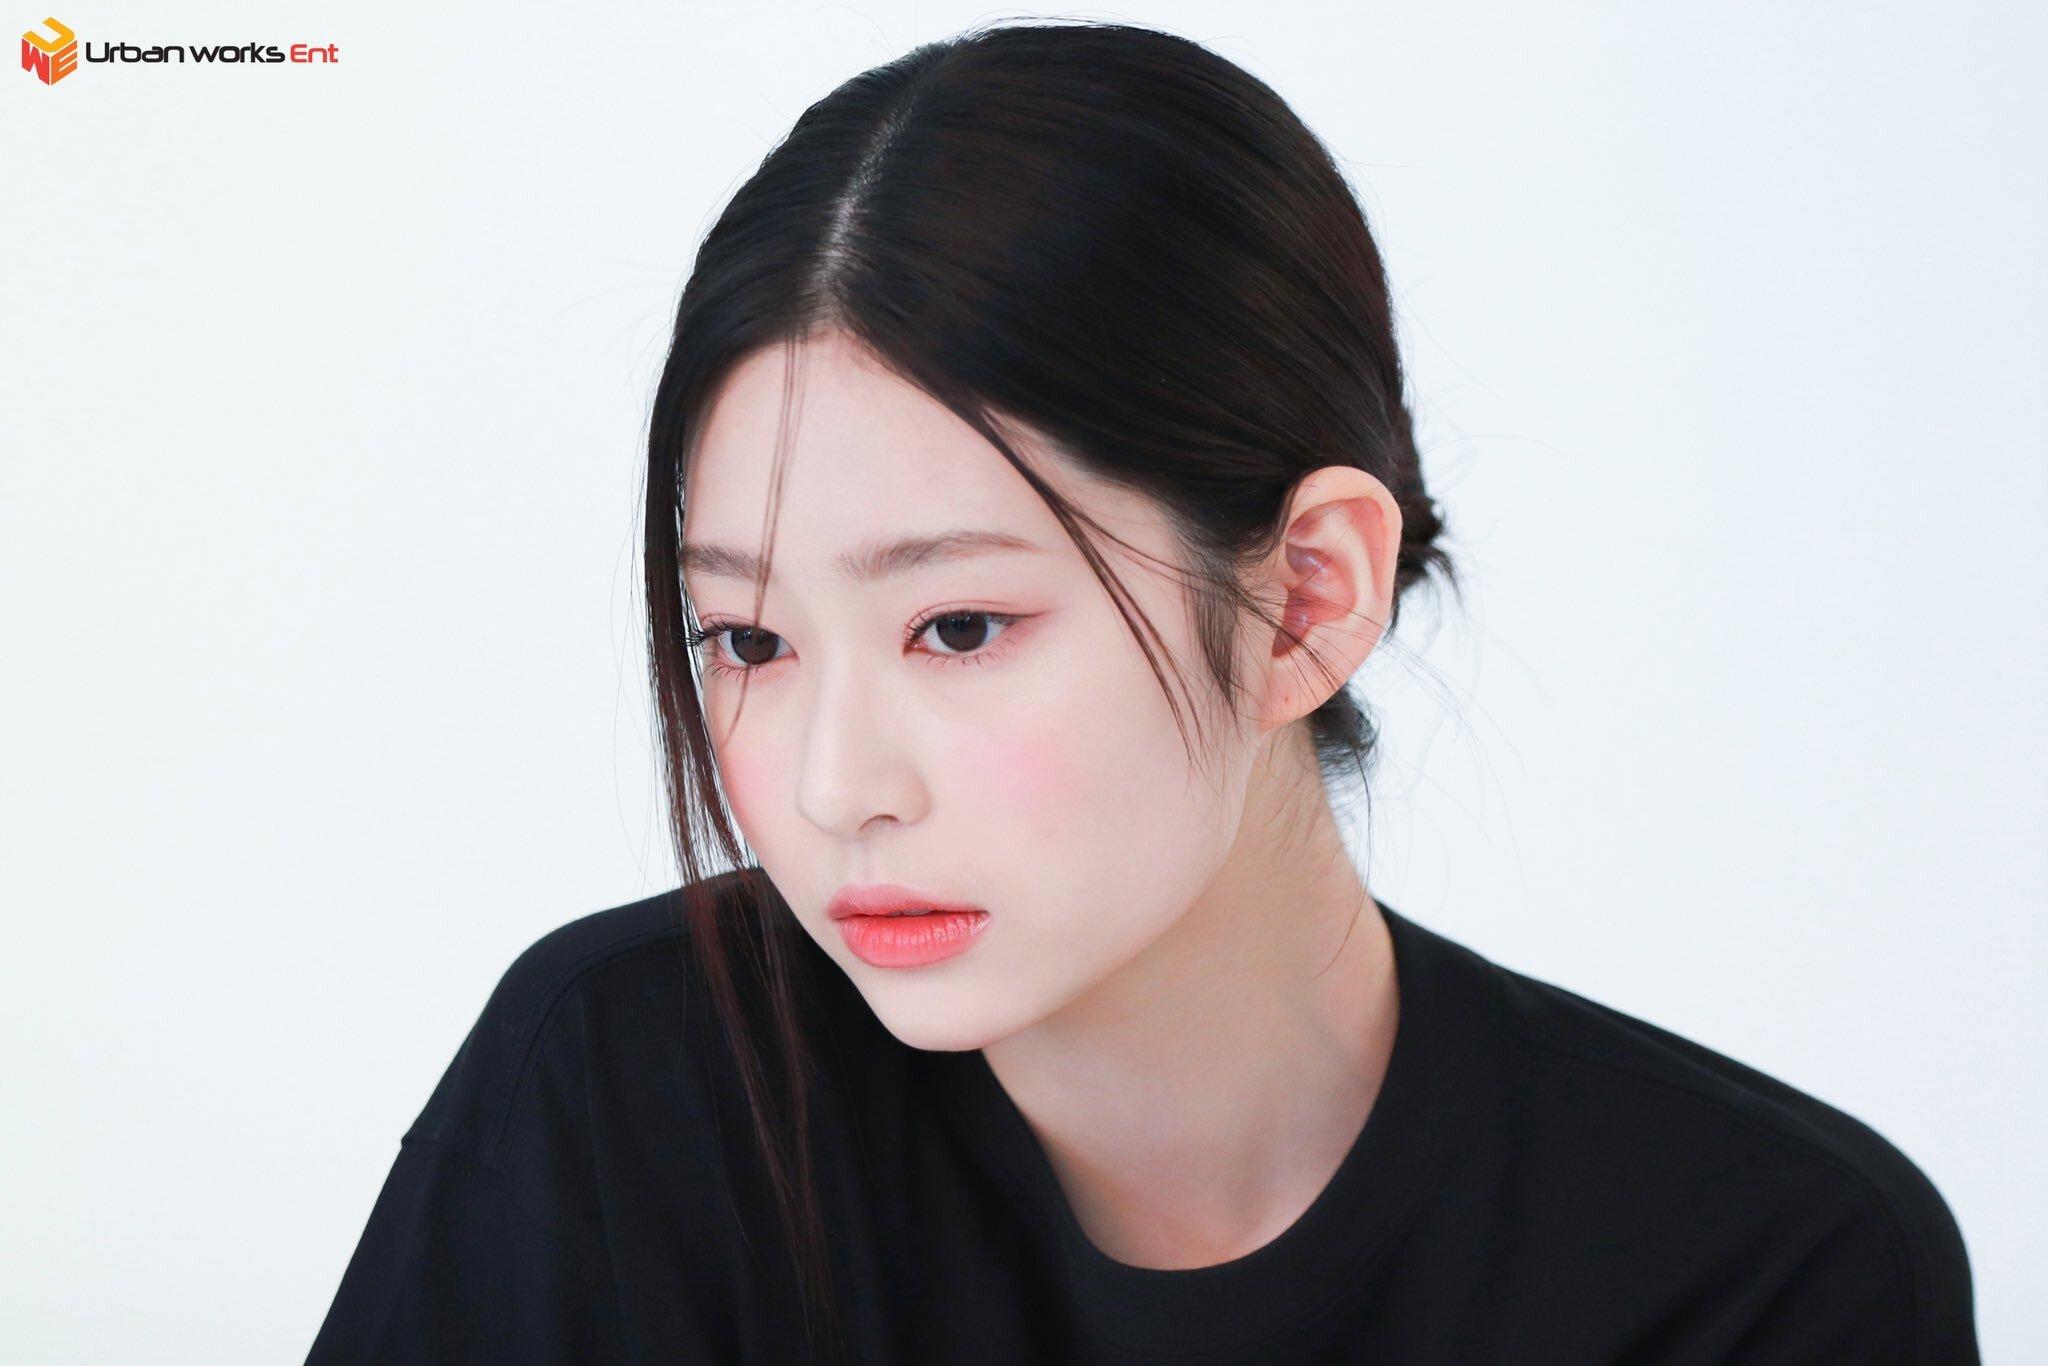 김민주 엘르코리아 화보 비하인드 - 꾸르